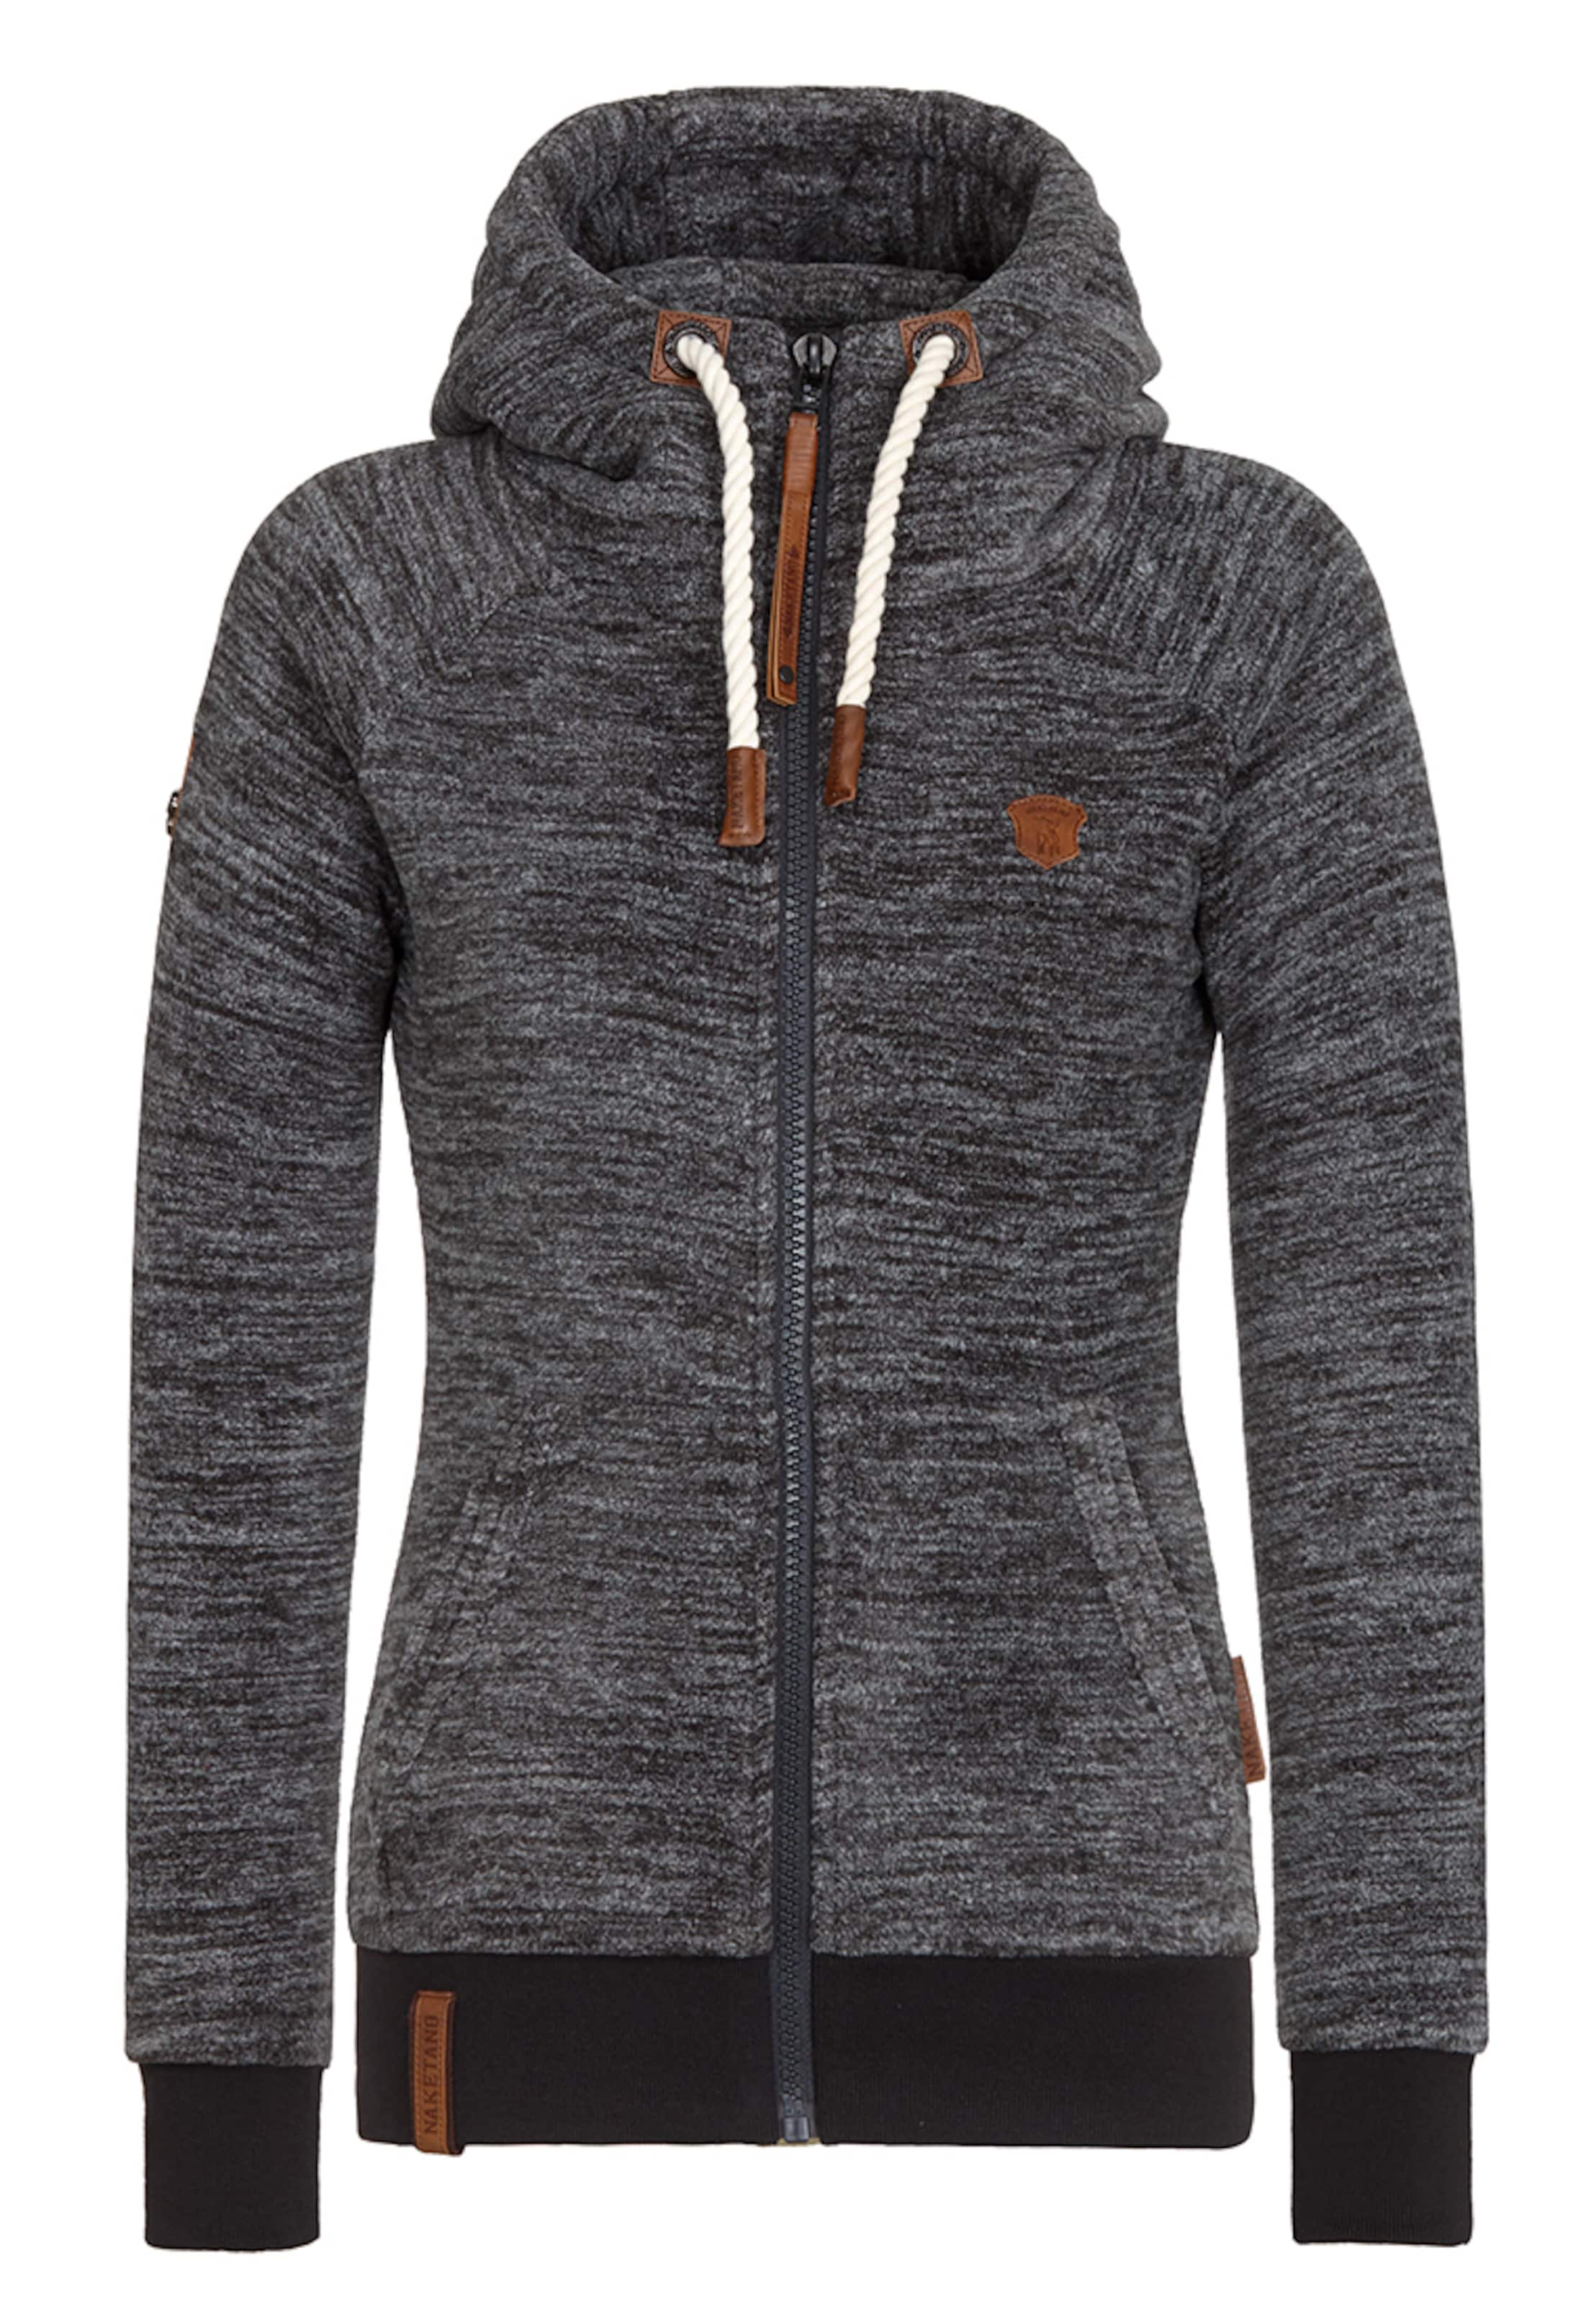 Shop-Angebot Günstig Online Auslass Verkauf Online naketano Zipped Jacket 'Gigi Meroni' Günstig Kaufen 2018 Neueste Freies Verschiffen Bestes Geschäft Zu Bekommen Spielraum 2018 Neu eWnN4